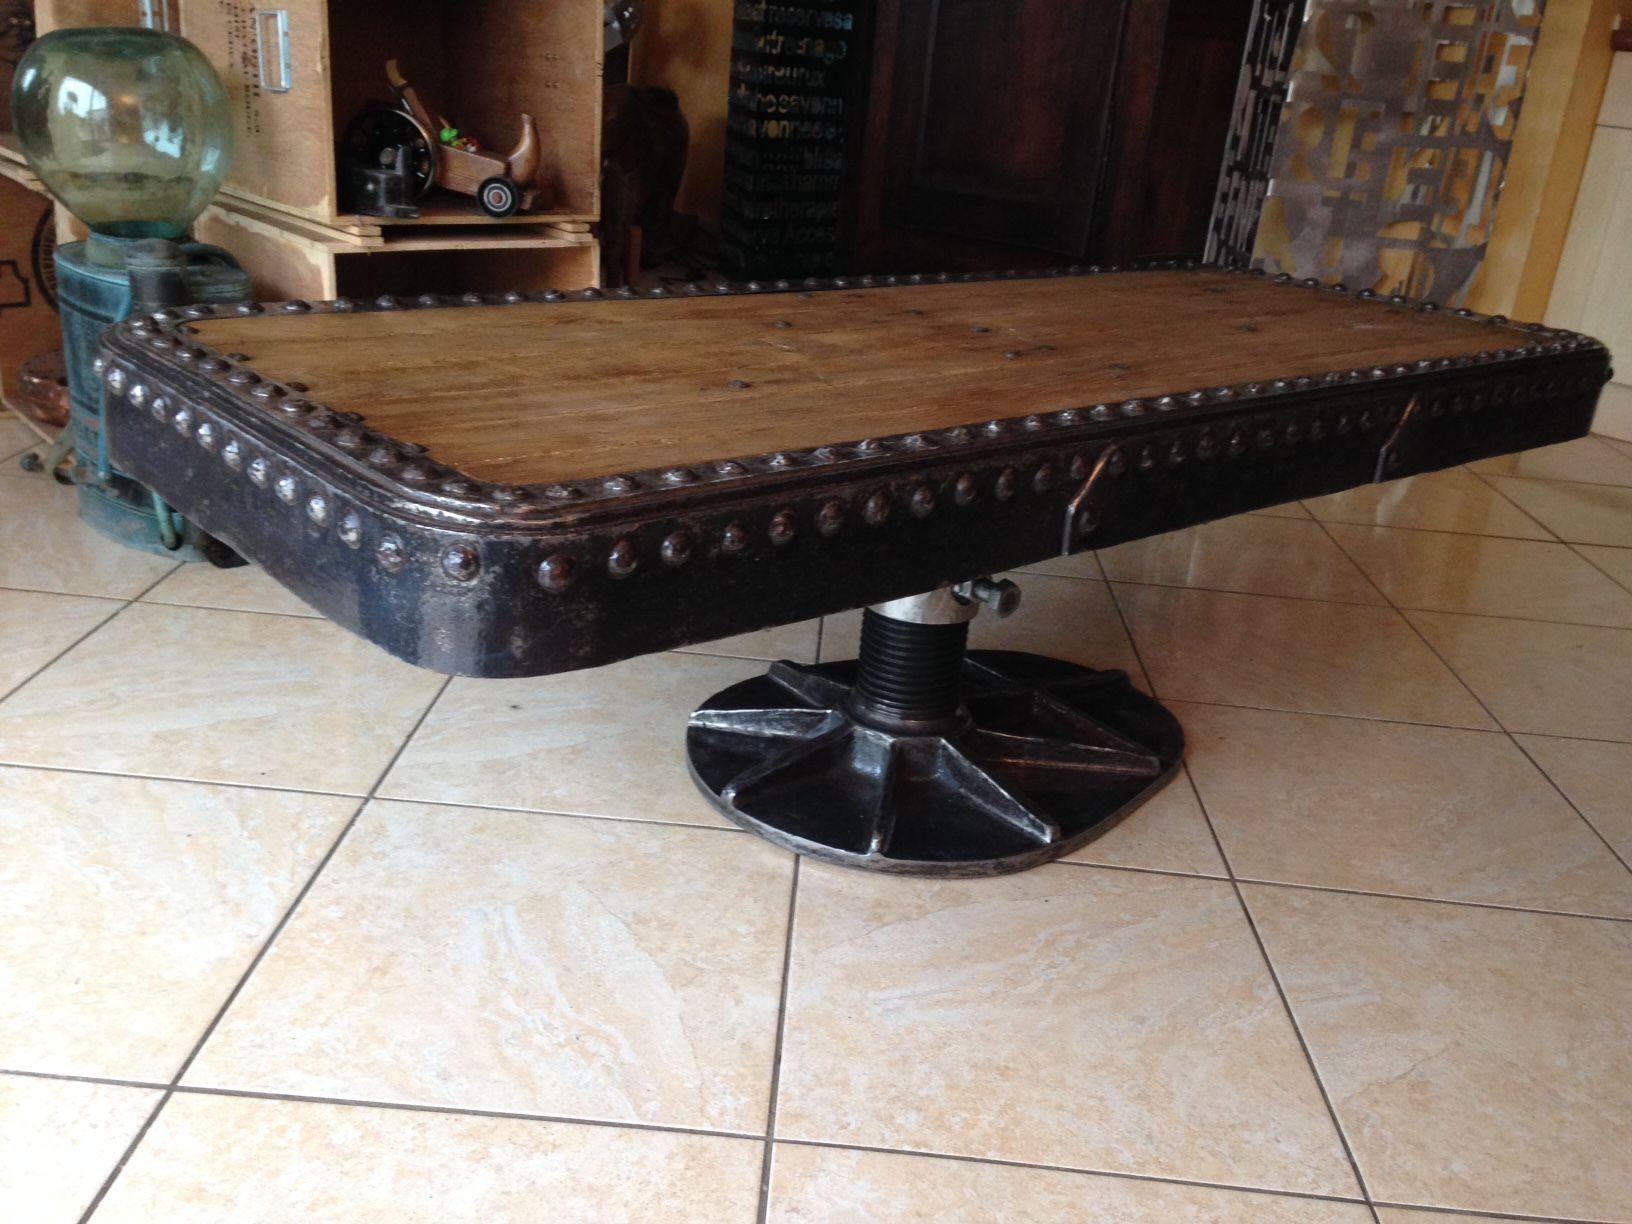 grande table basse originale superbe patine vernis pi ce rare et objet d exception design. Black Bedroom Furniture Sets. Home Design Ideas